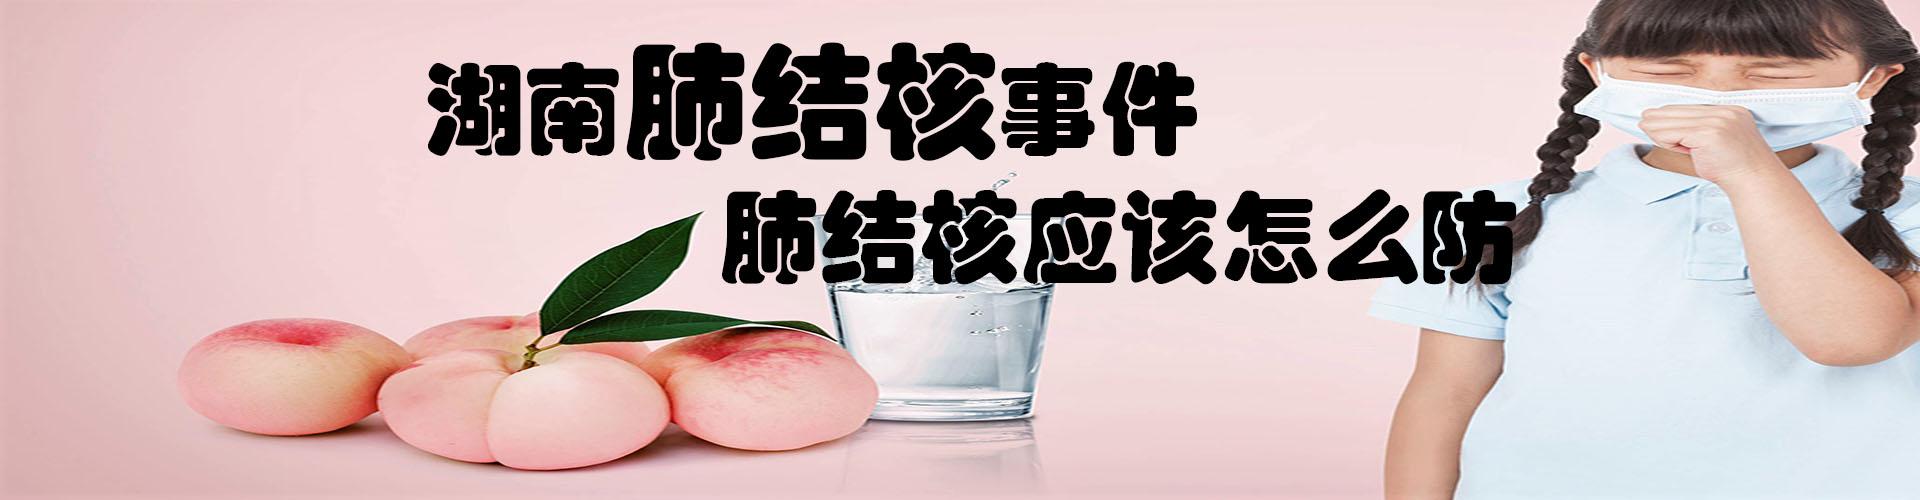 湖南桃江肺结核事件 预防常识要知道